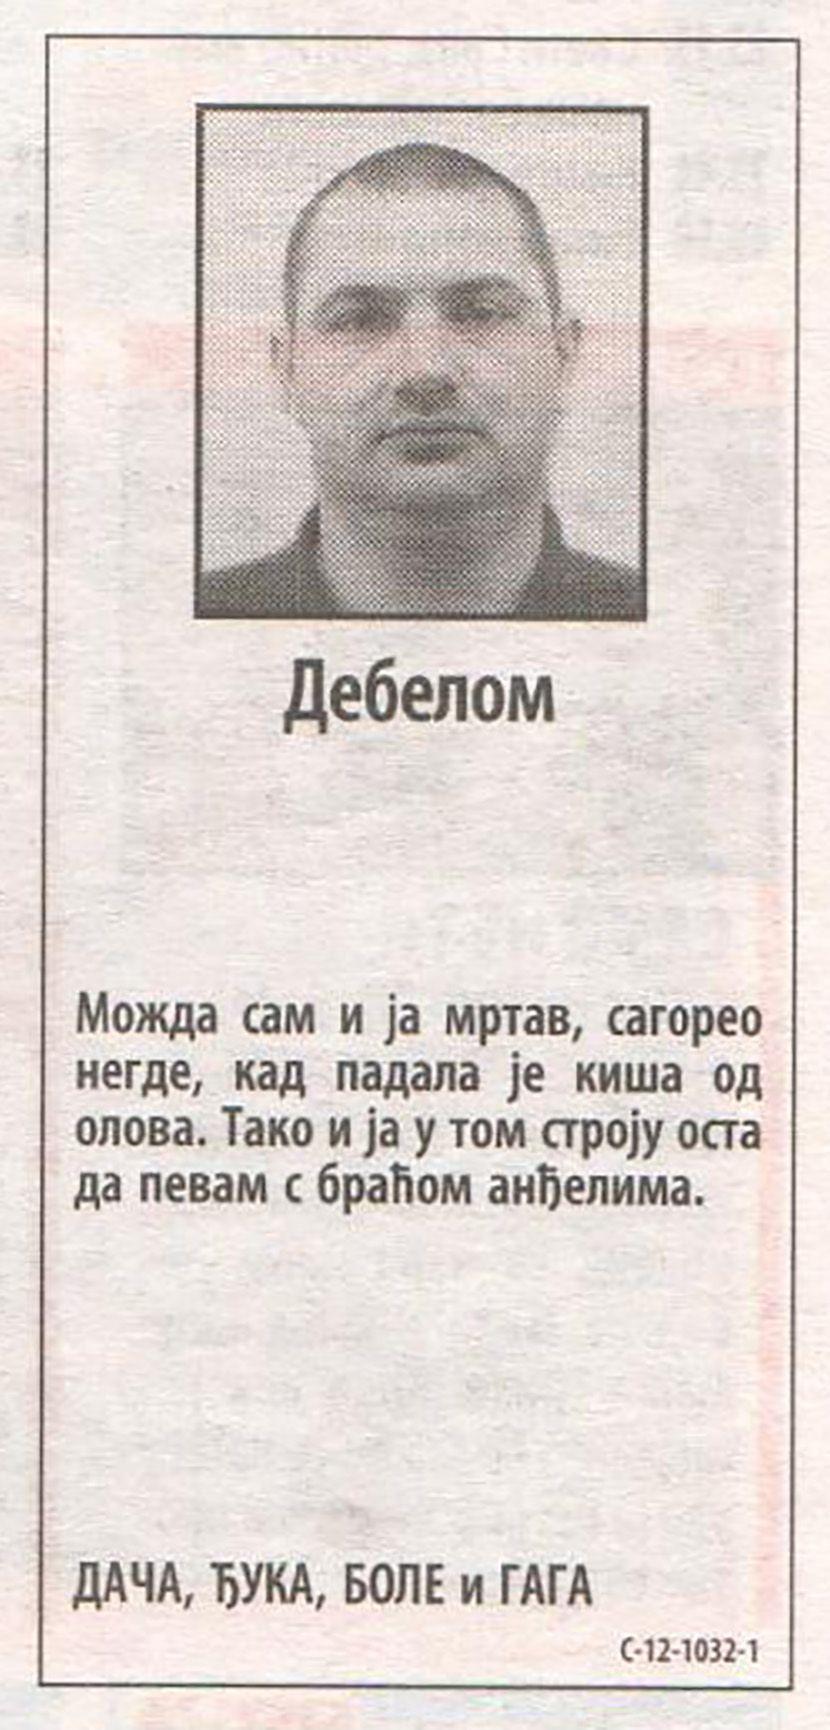 Goran Kljestan Boske